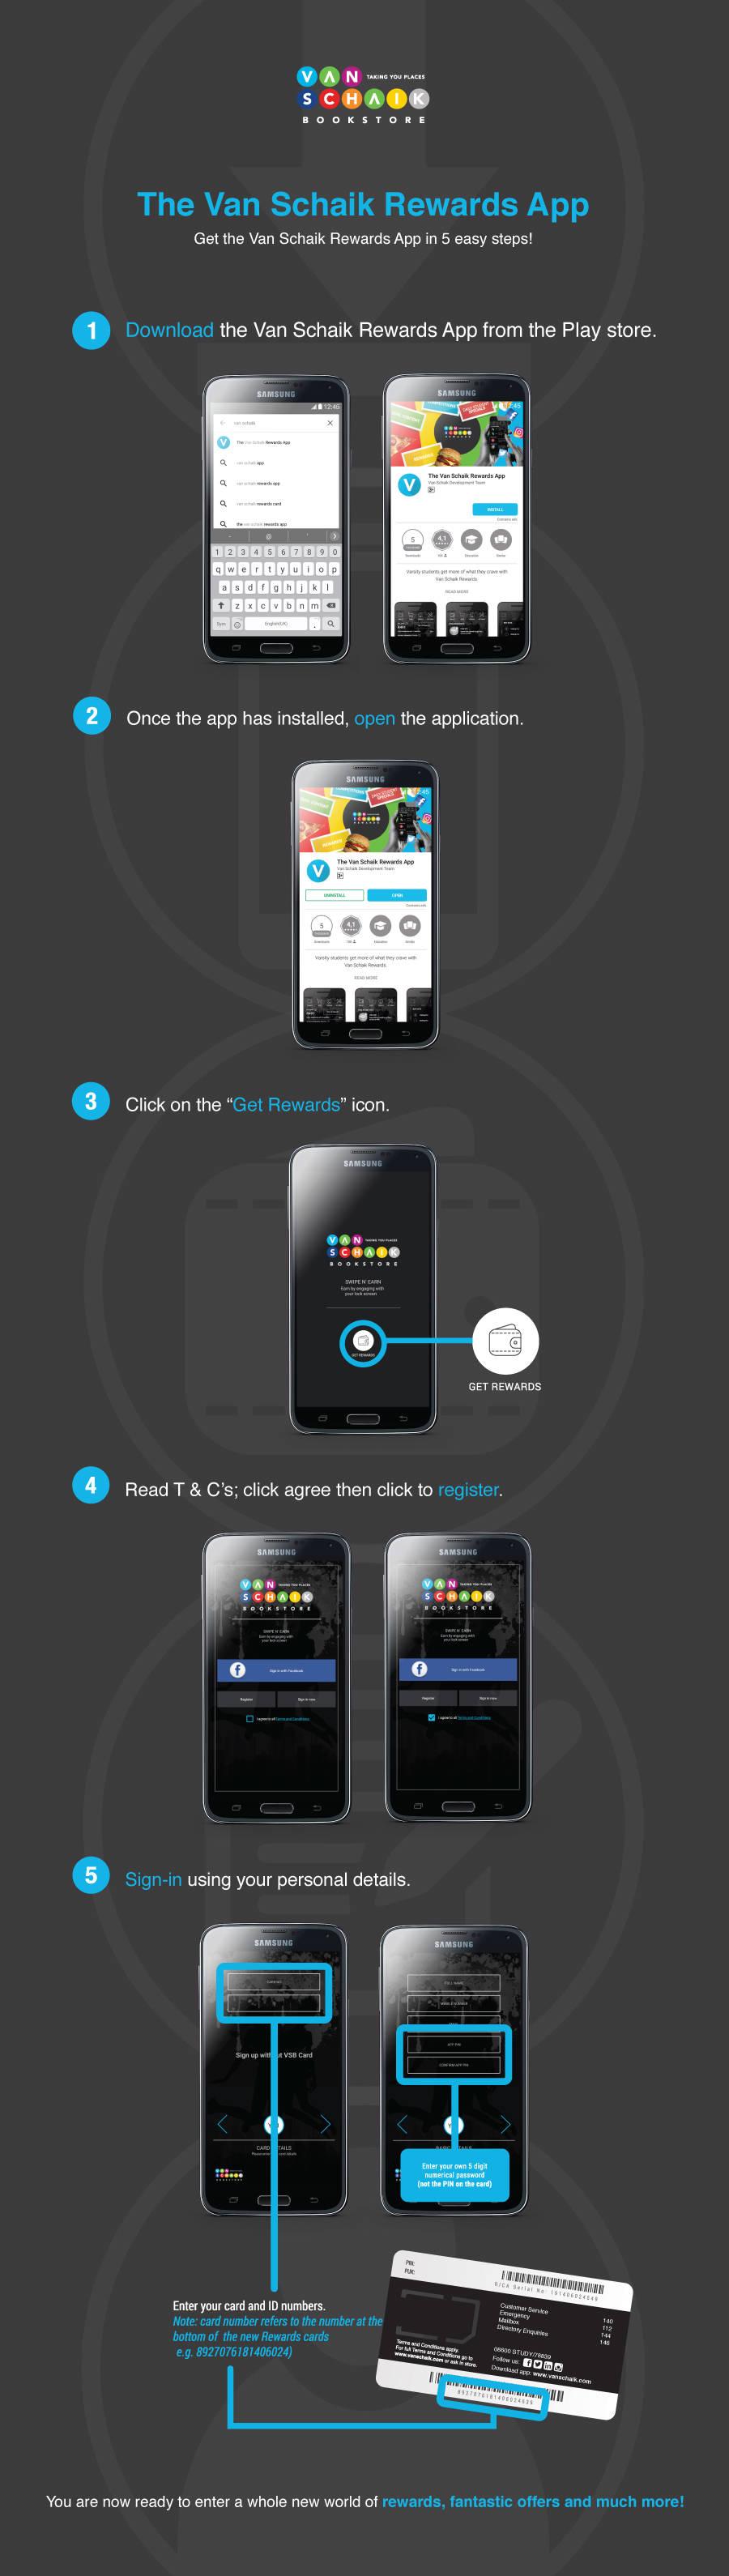 How to download the app | Van Schaik